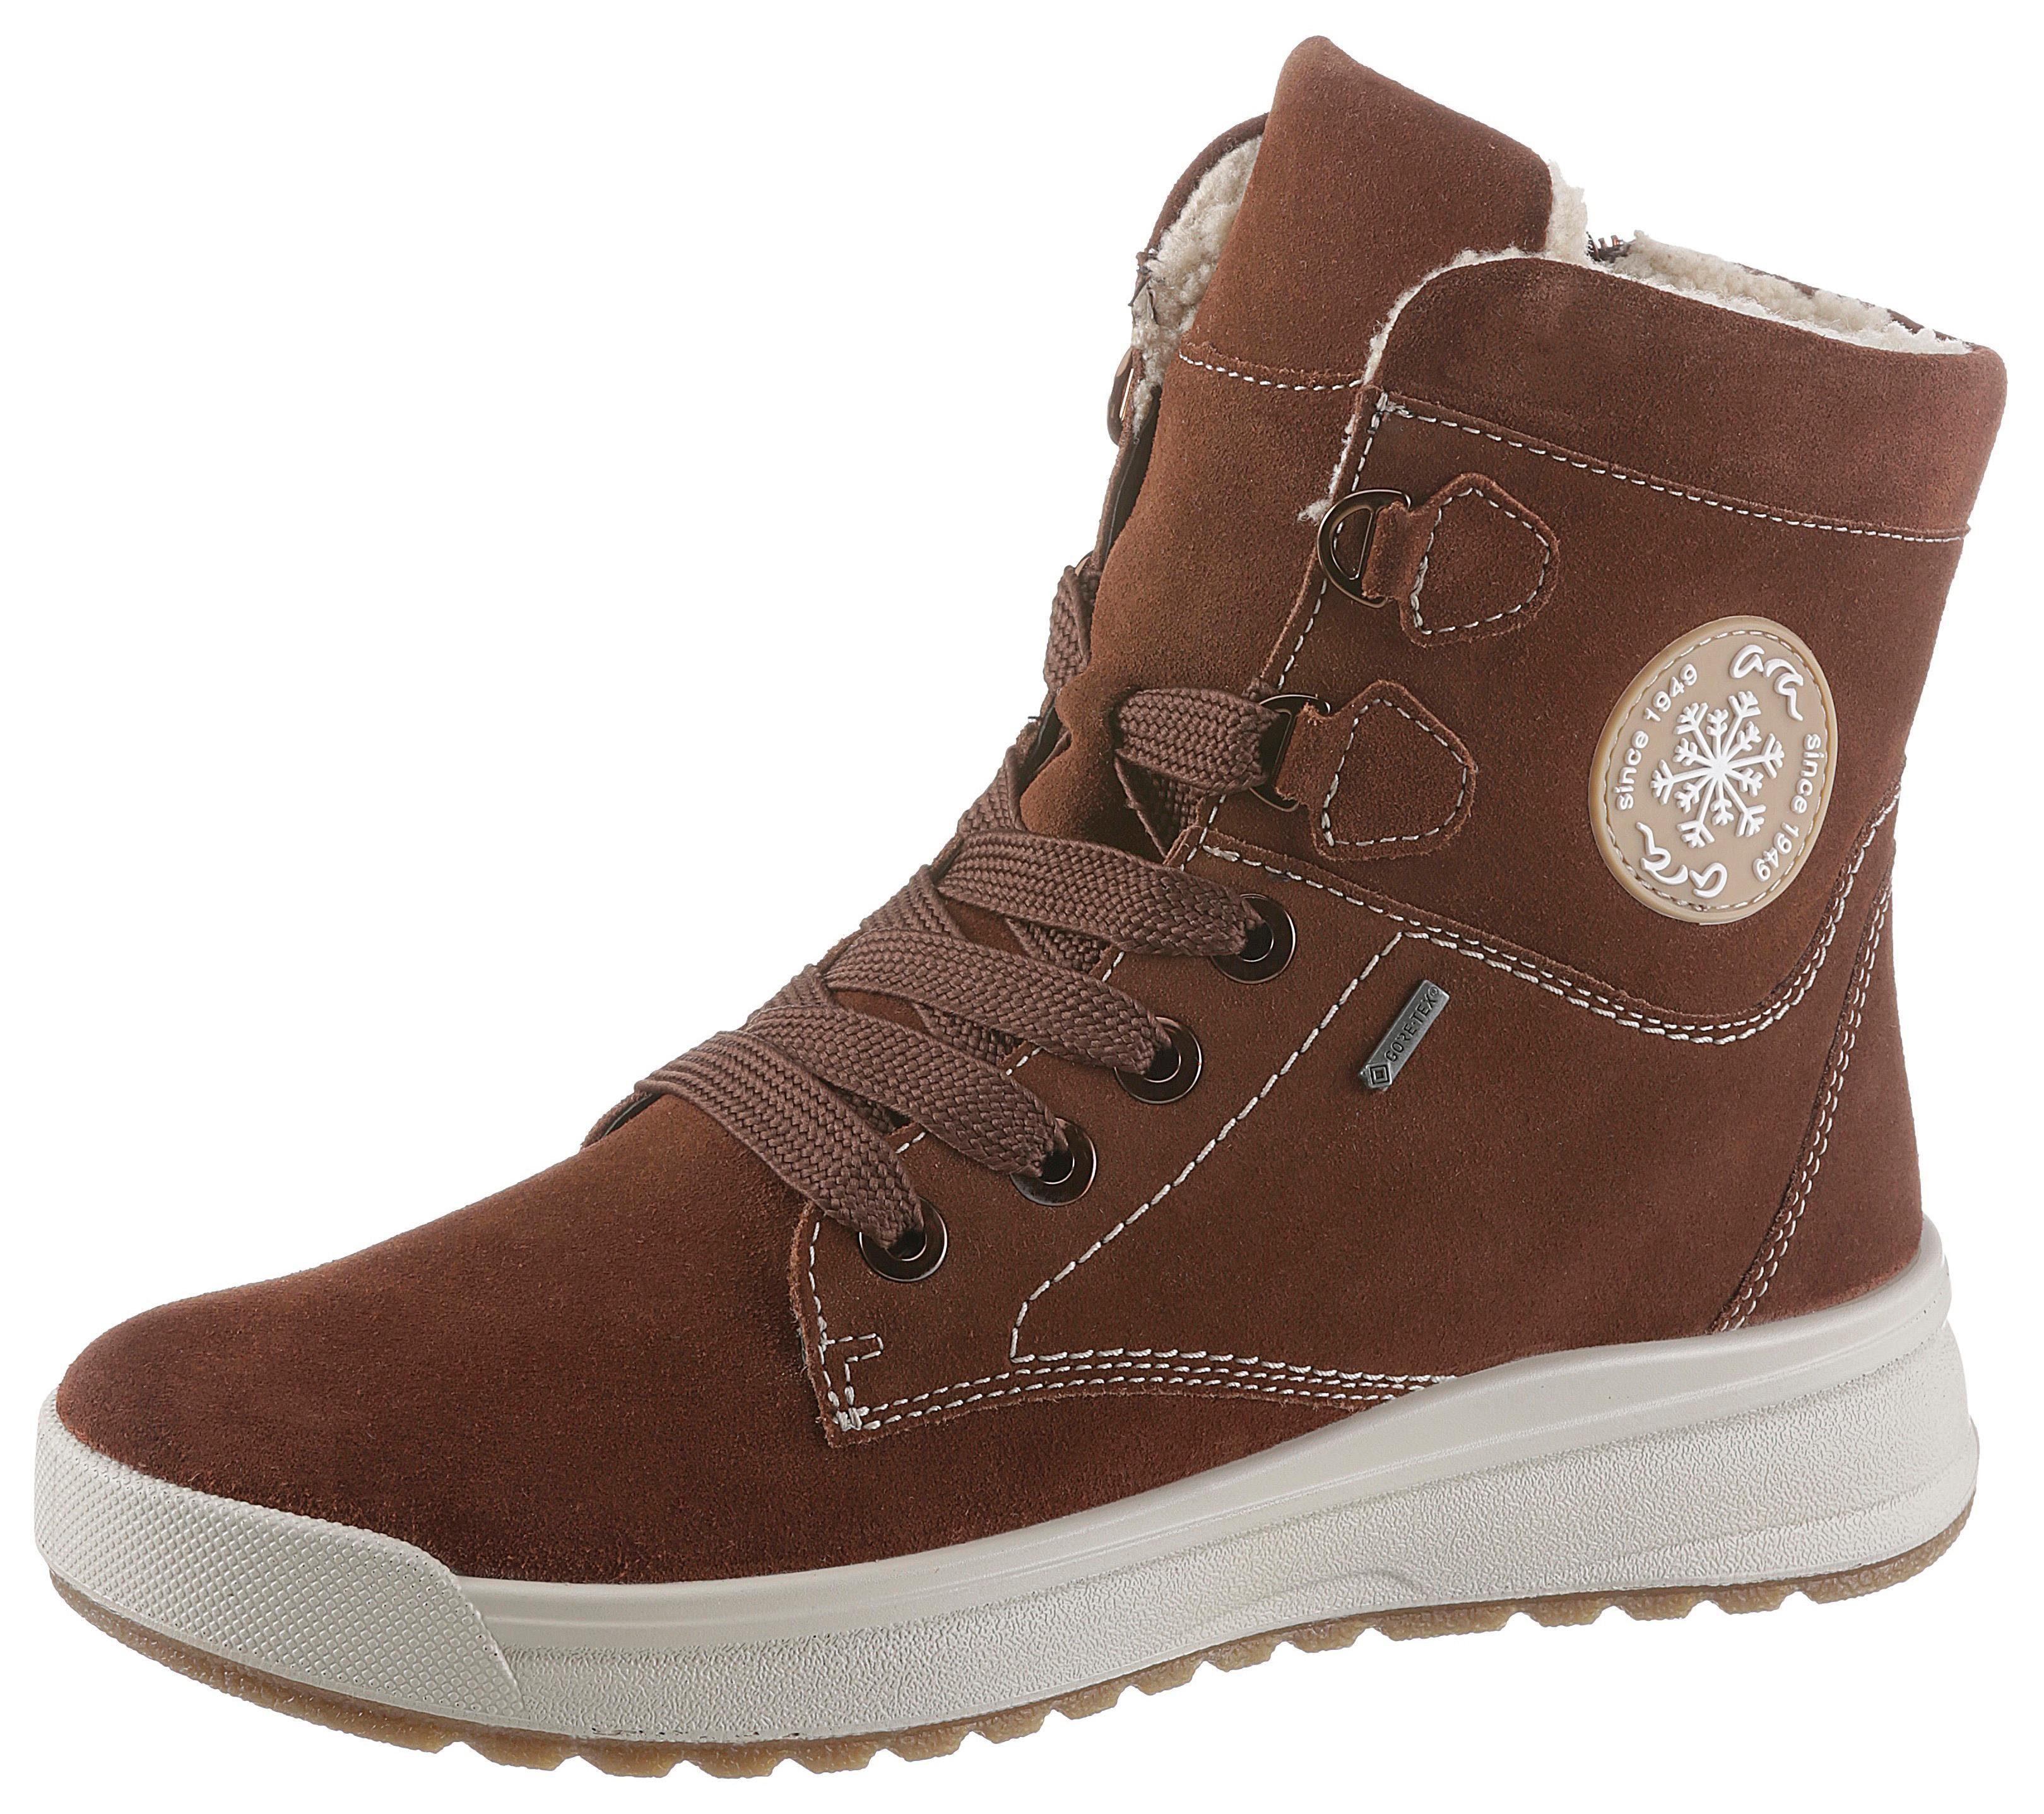 Ara Schnürboots | Schuhe > Boots > Schnürboots | Ara